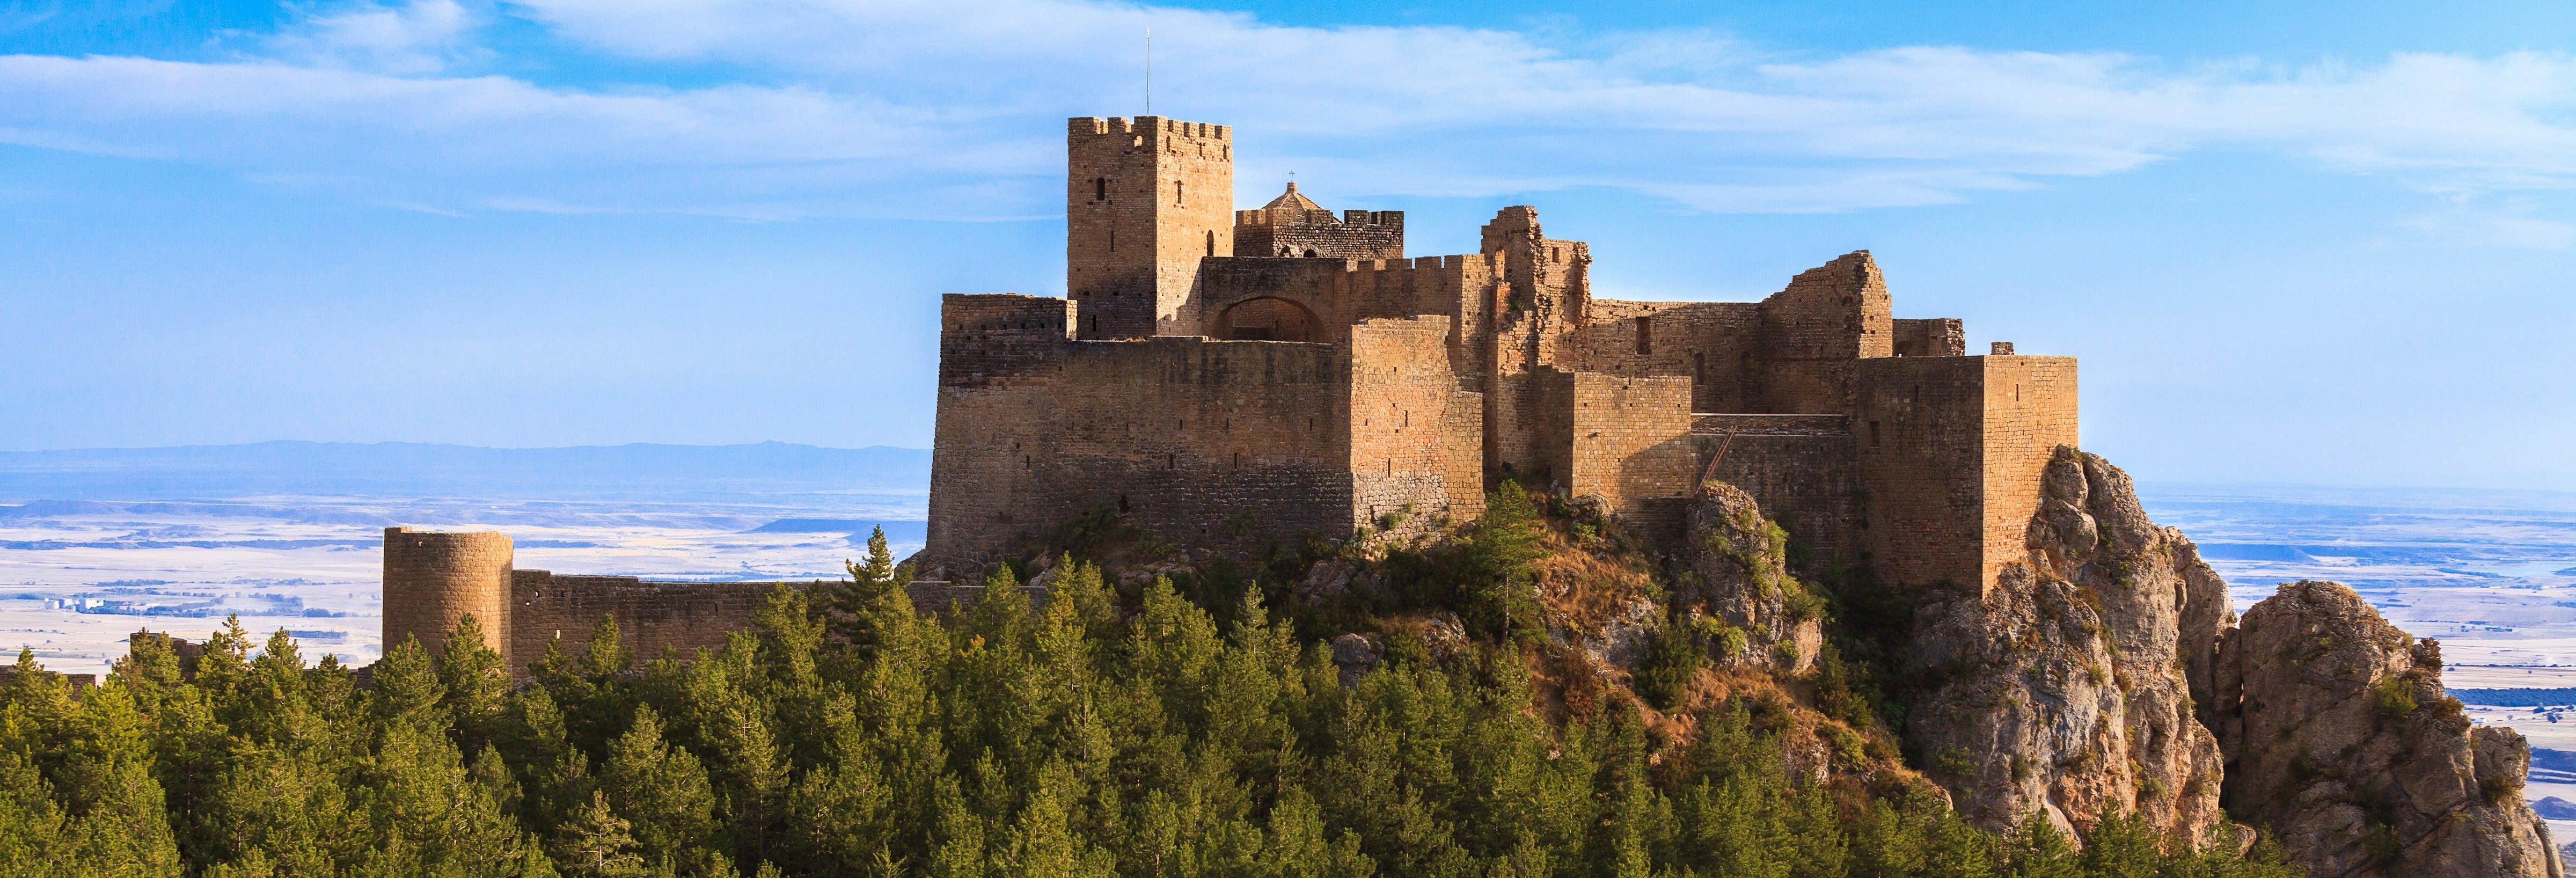 Excursão ao Castelo de Loarre